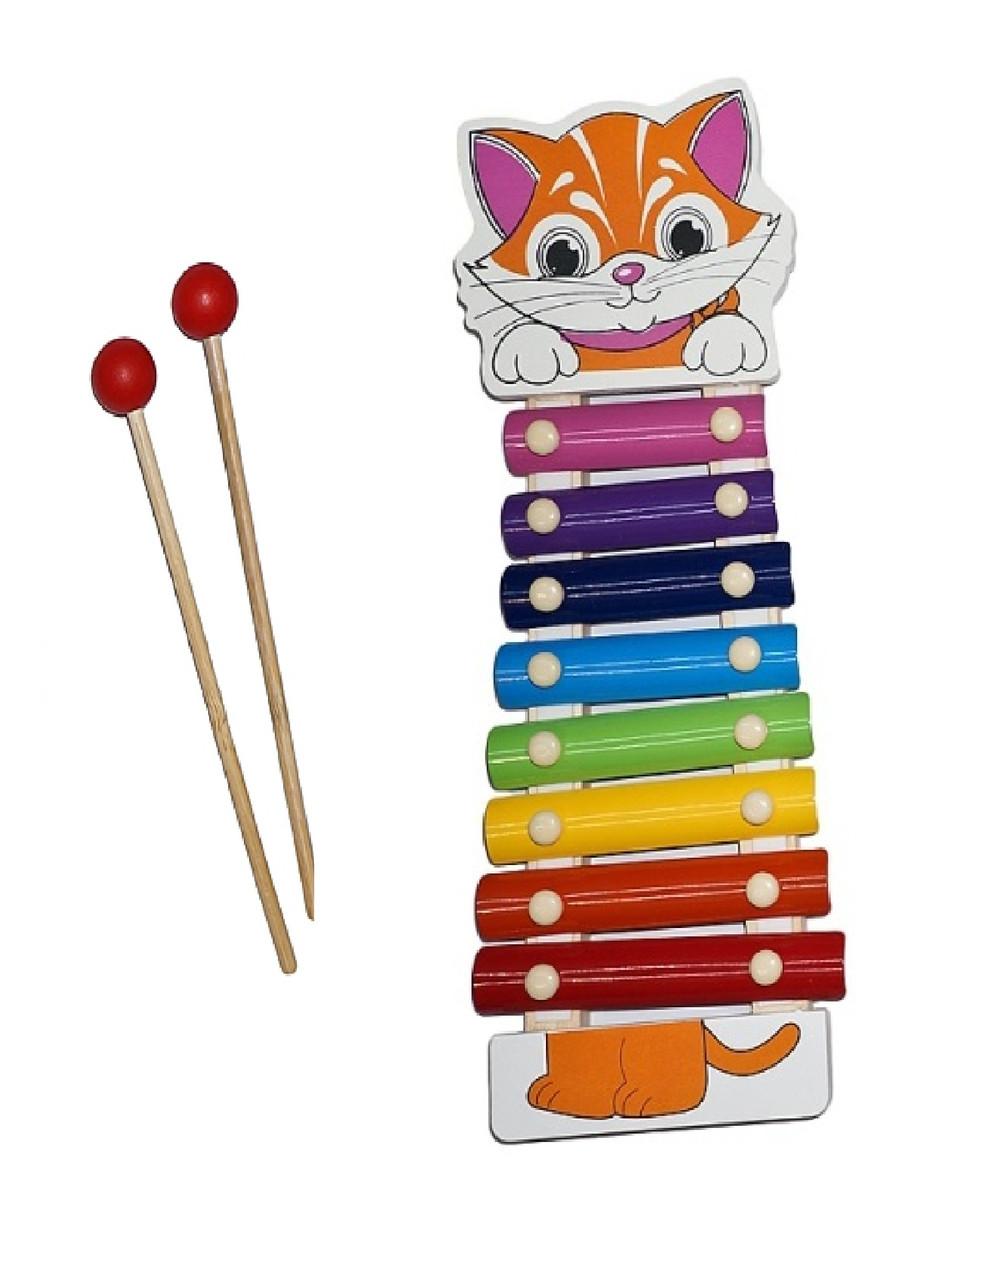 Ксилофон «Котик» детская музыкальная игрушка 0712